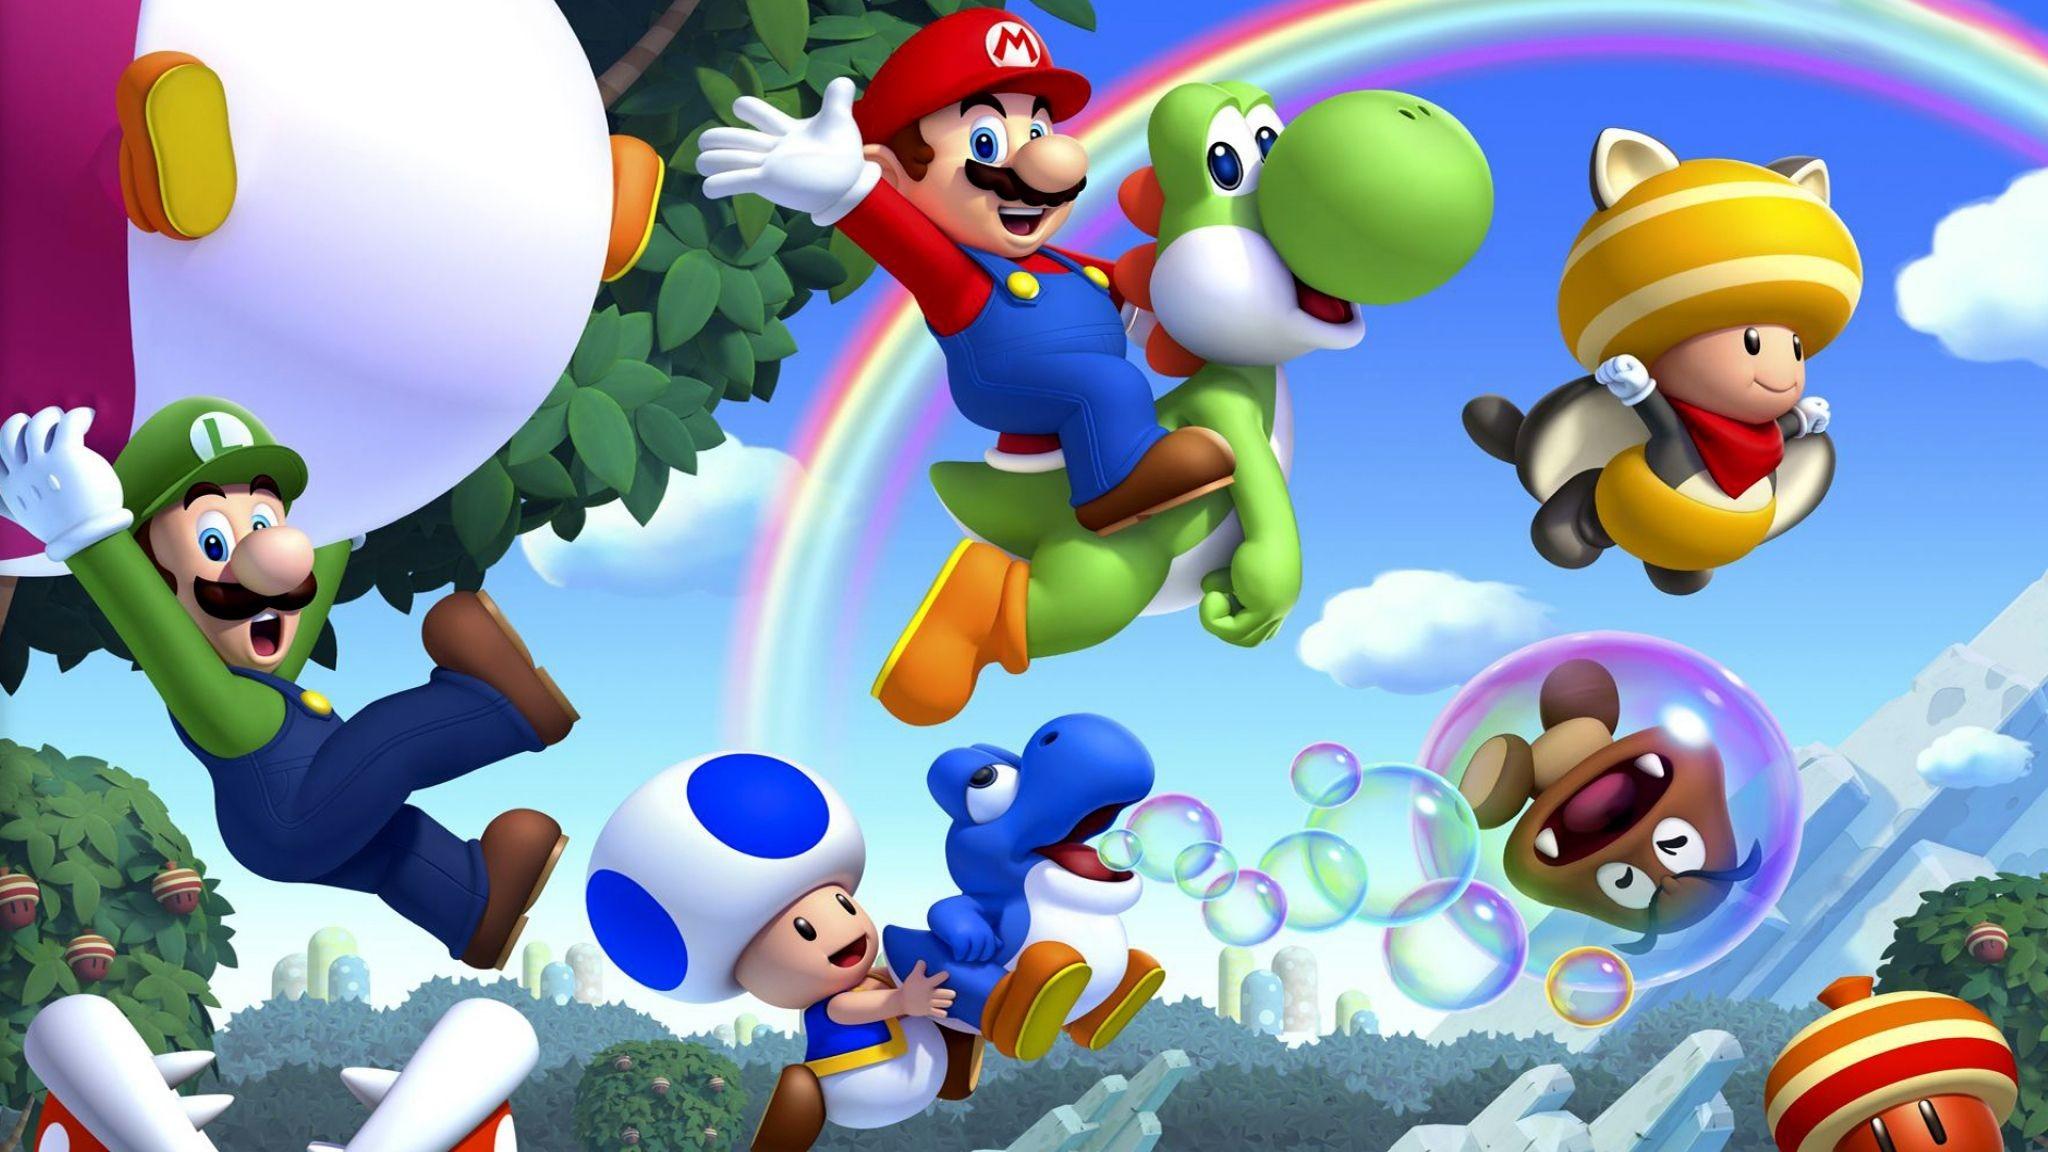 Download Wallpaper Super mario, Nintendo, Wii u, Mario .